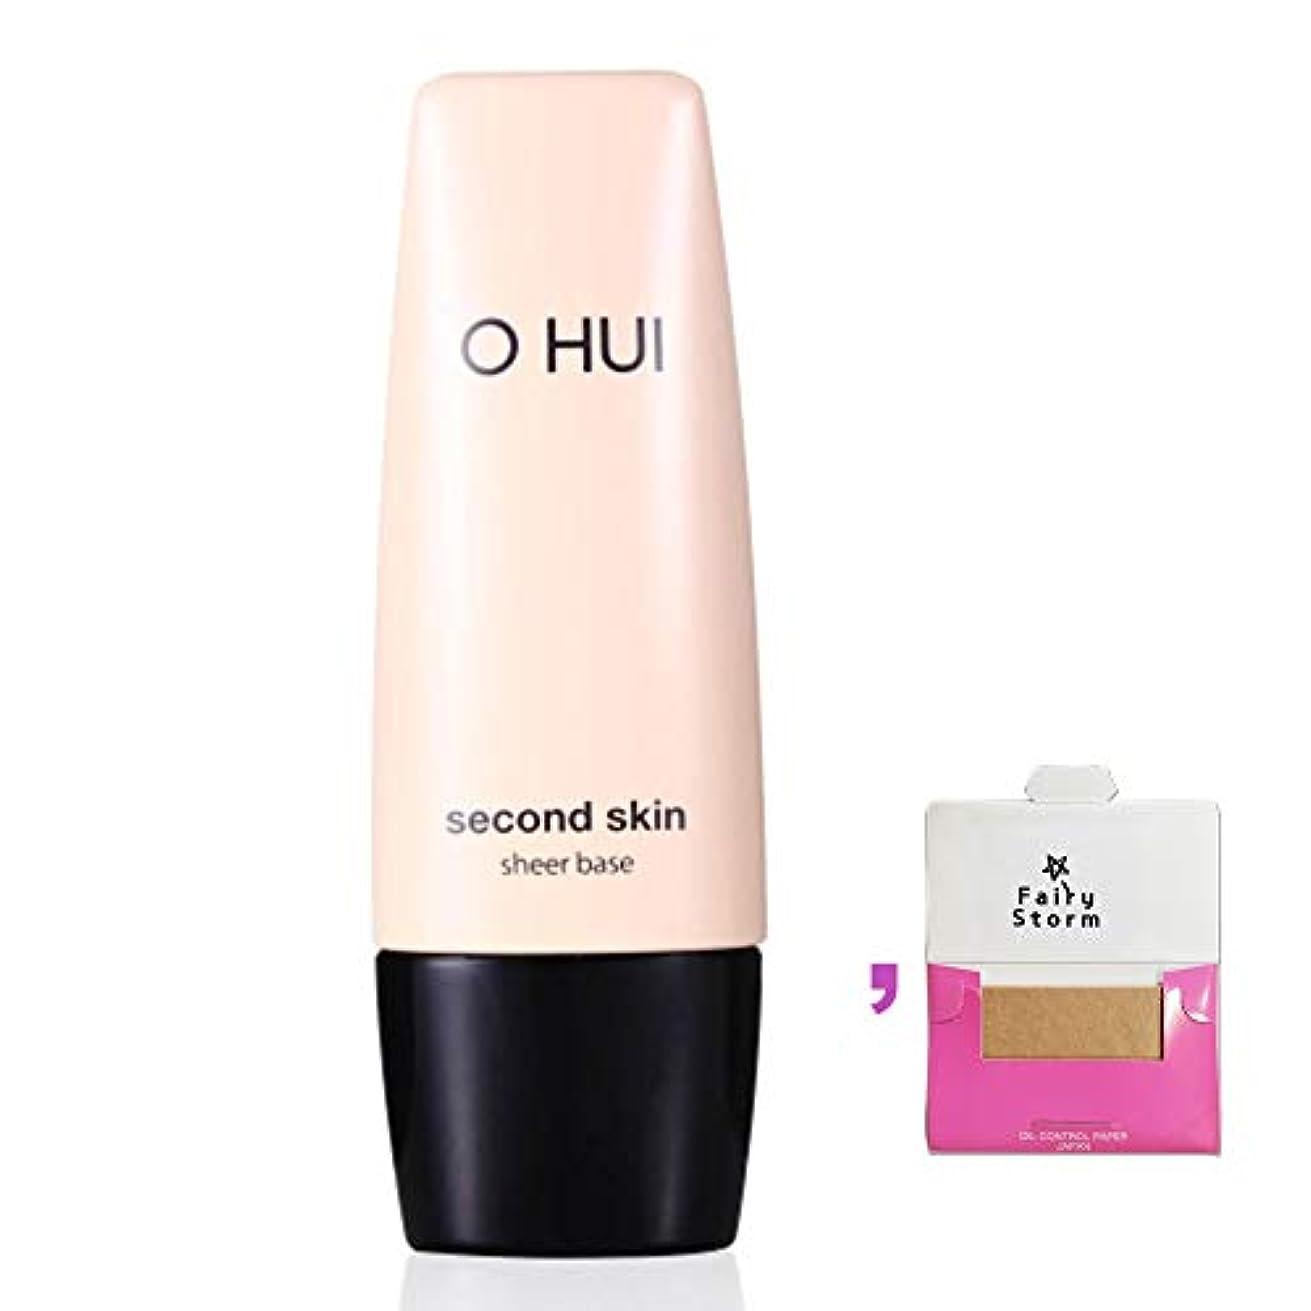 以降衝撃話す[オフィ/O HUI]韓国化粧品 LG生活健康/OHUI OMB01 SECOND SKIN SHEER BASE 40ml/ オフィ セカンドスキン シアーベース +[Sample Gift](海外直送品)